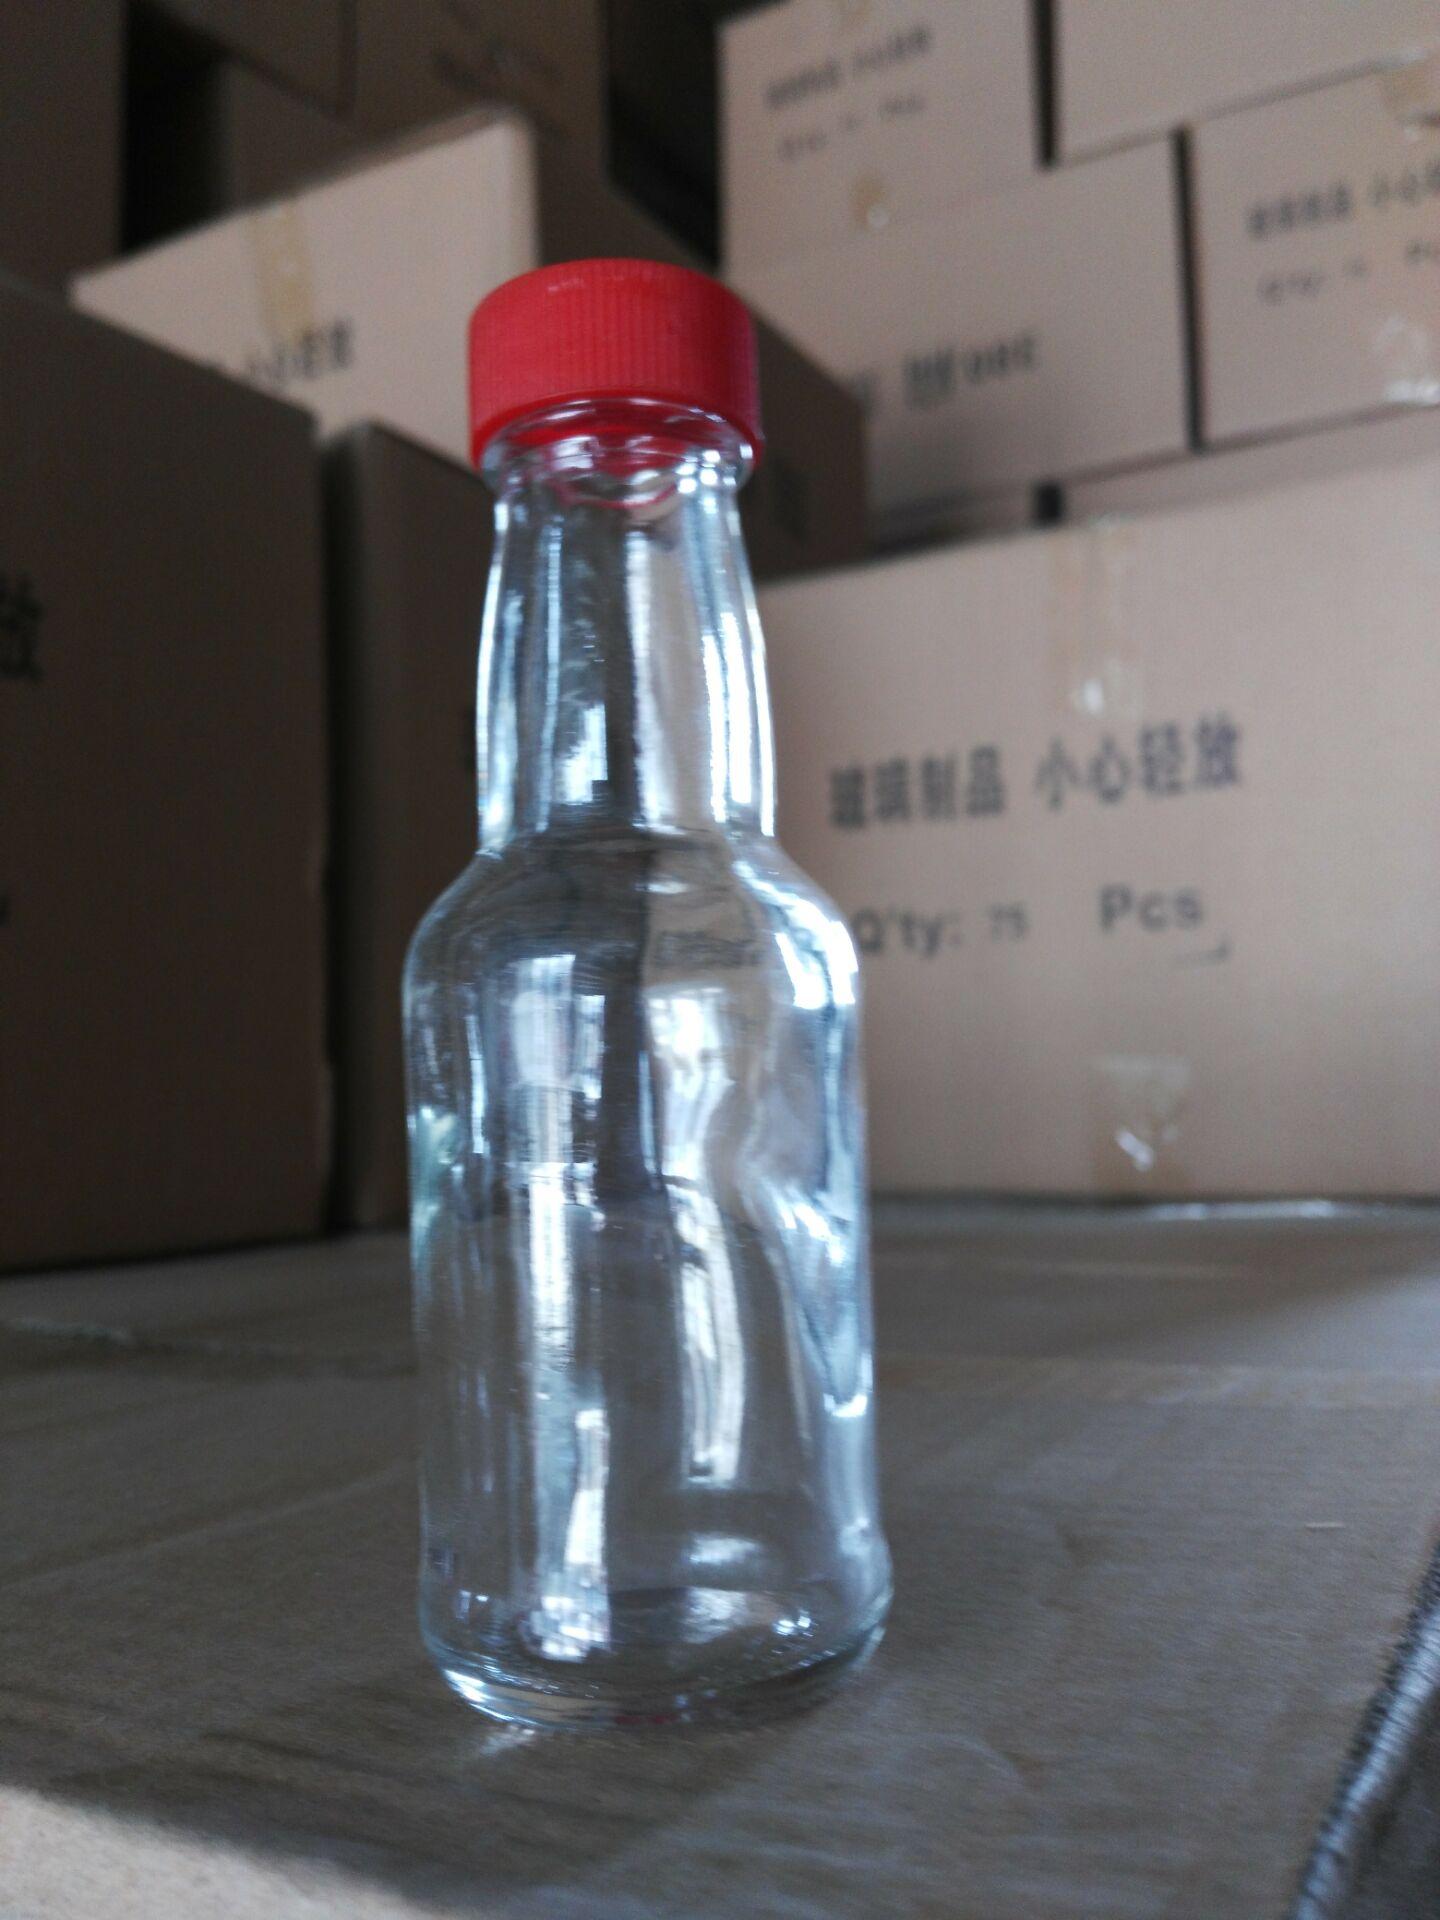 价格超值的小酒瓶推荐 倾销小酒瓶小啤酒瓶饮料瓶玻璃酒瓶